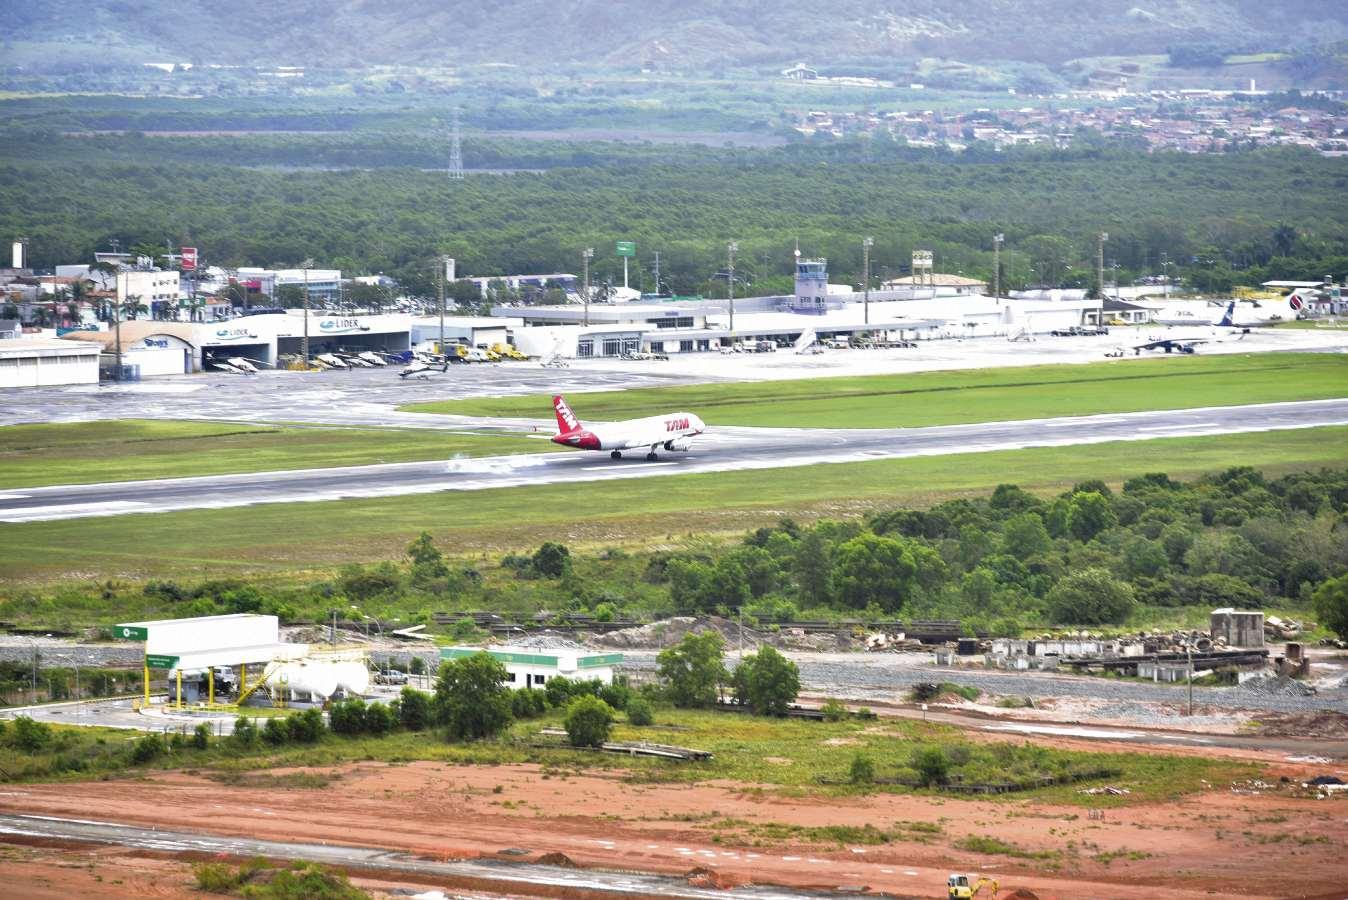 Aeroporto De Vitoria : Atraso nas obras do aeroporto de vitória trazem prejuízos